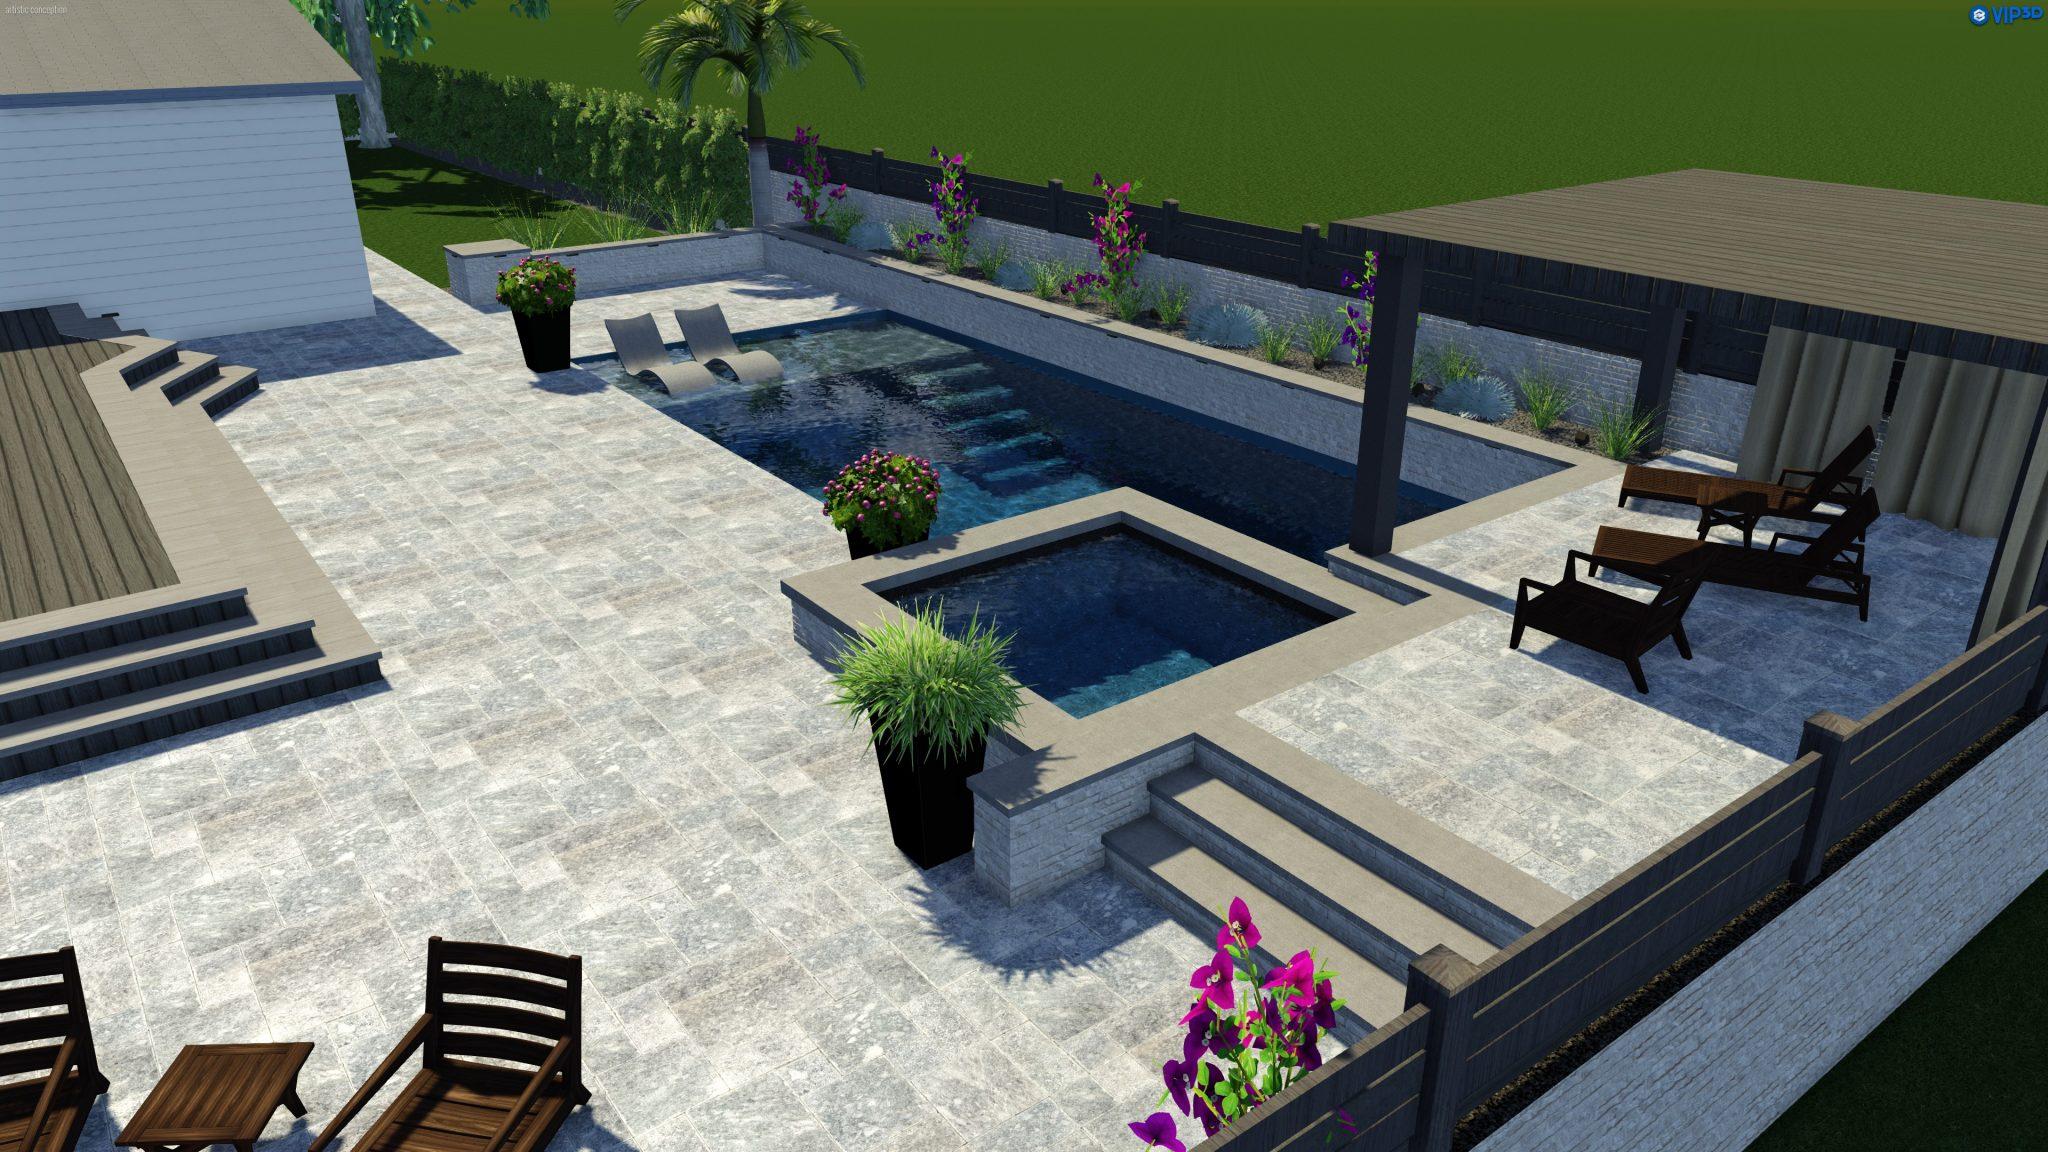 landscape design-tips